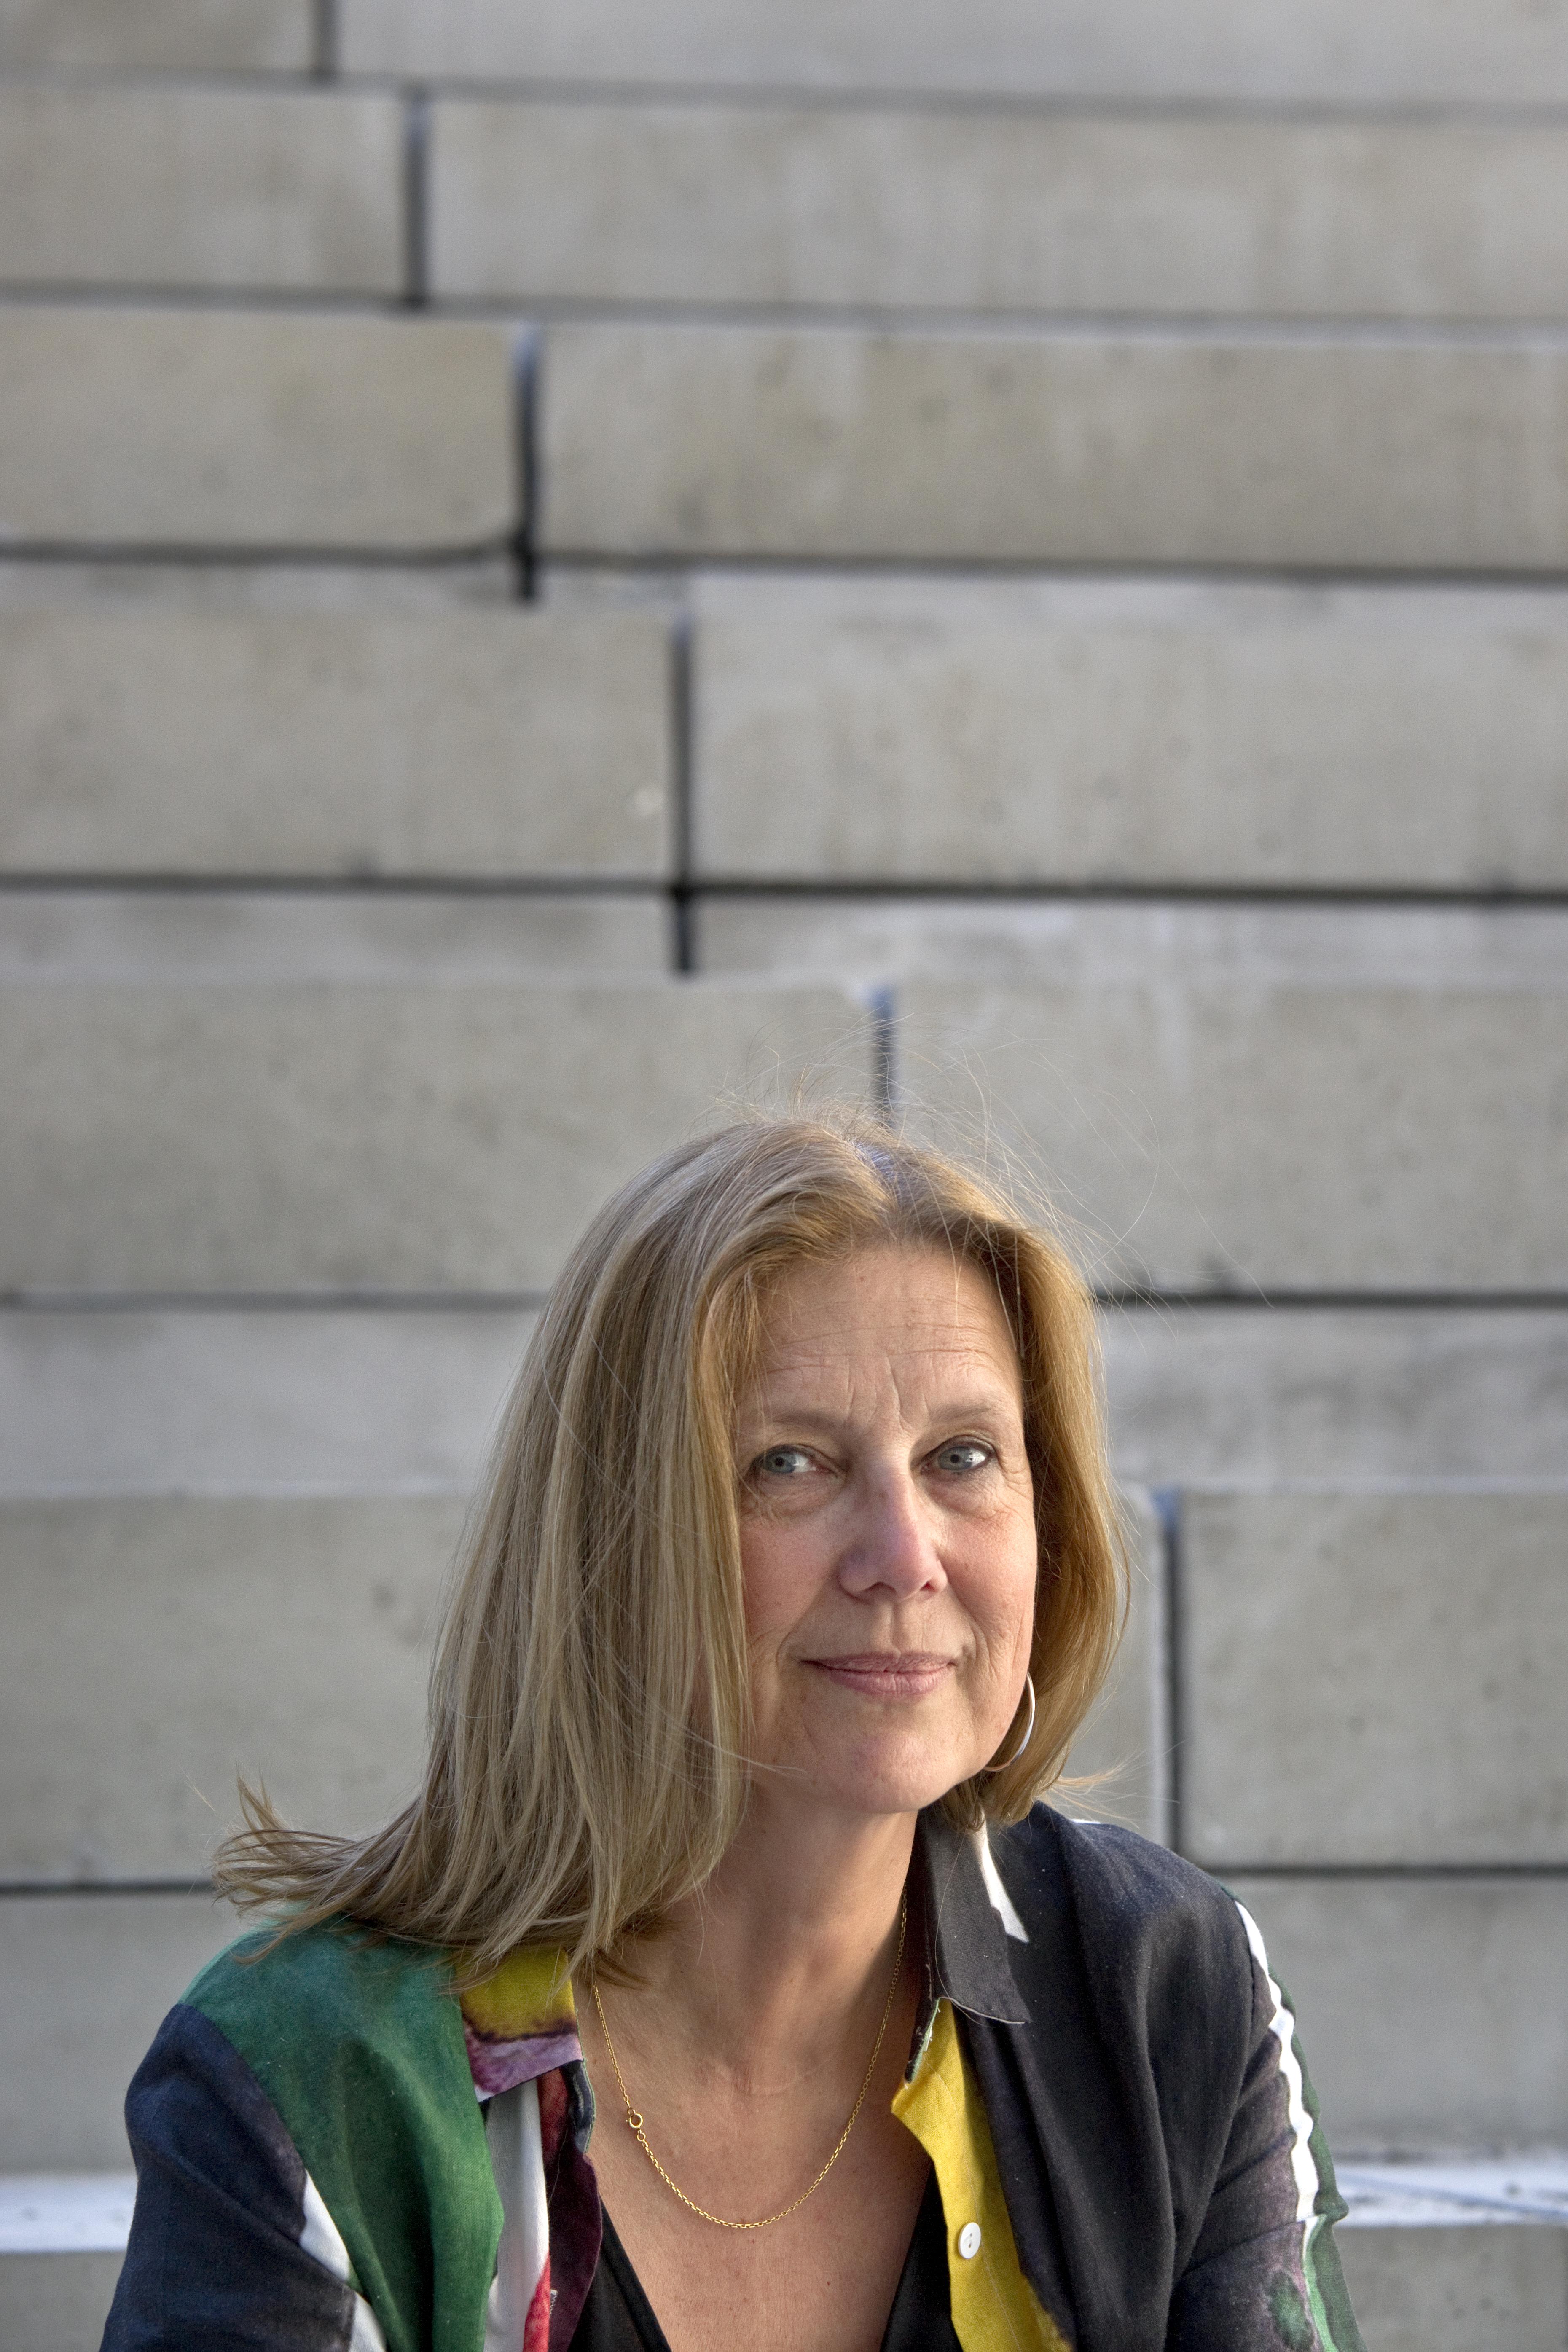 Portrait de Cathy Beauvallet dans la future Maison de la Culture de Bourges en travaux